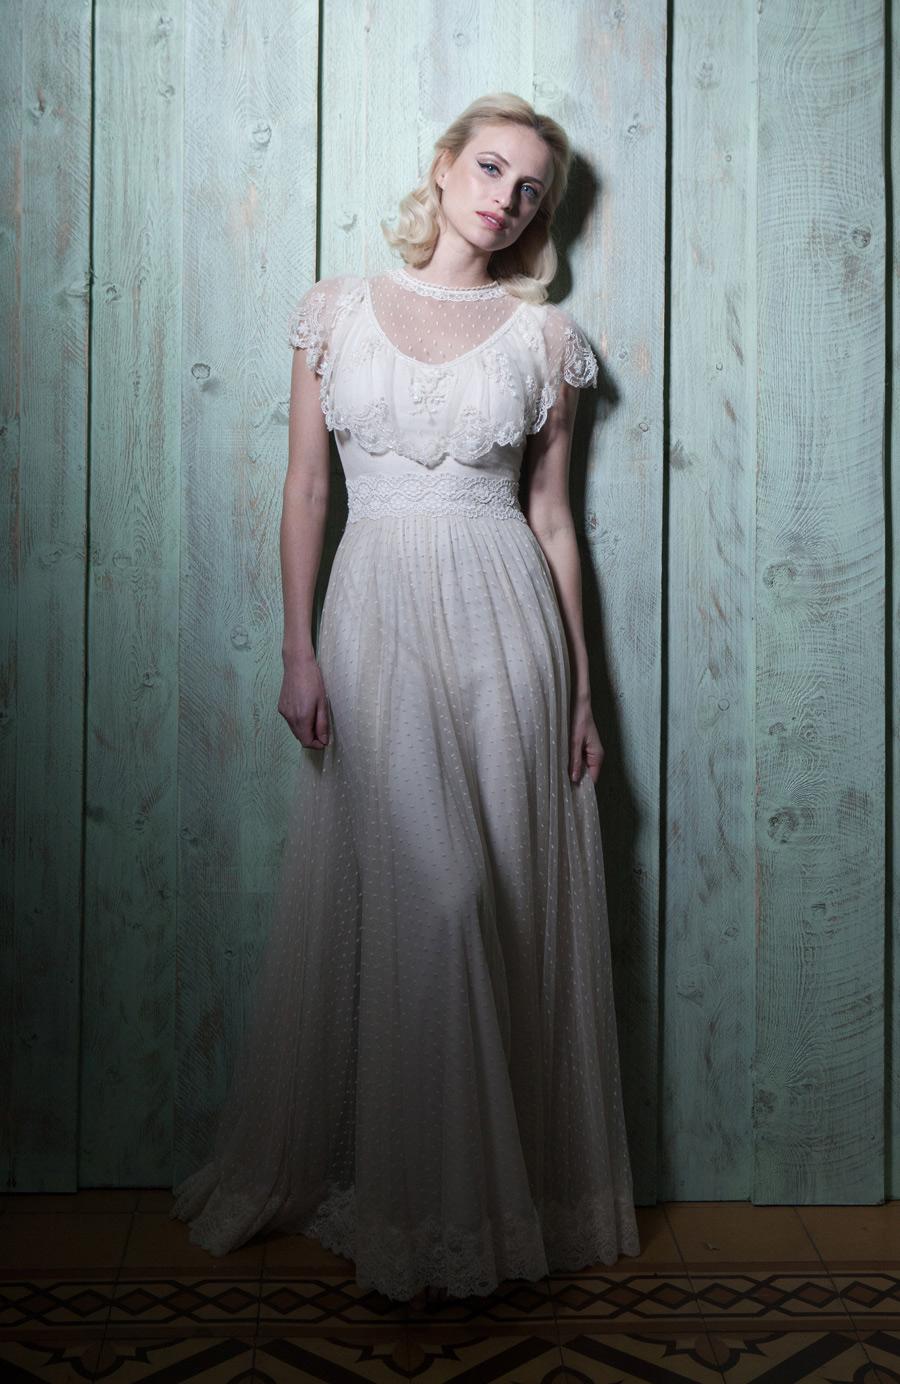 שמלת כלה עם מלמלות בחלק העליון